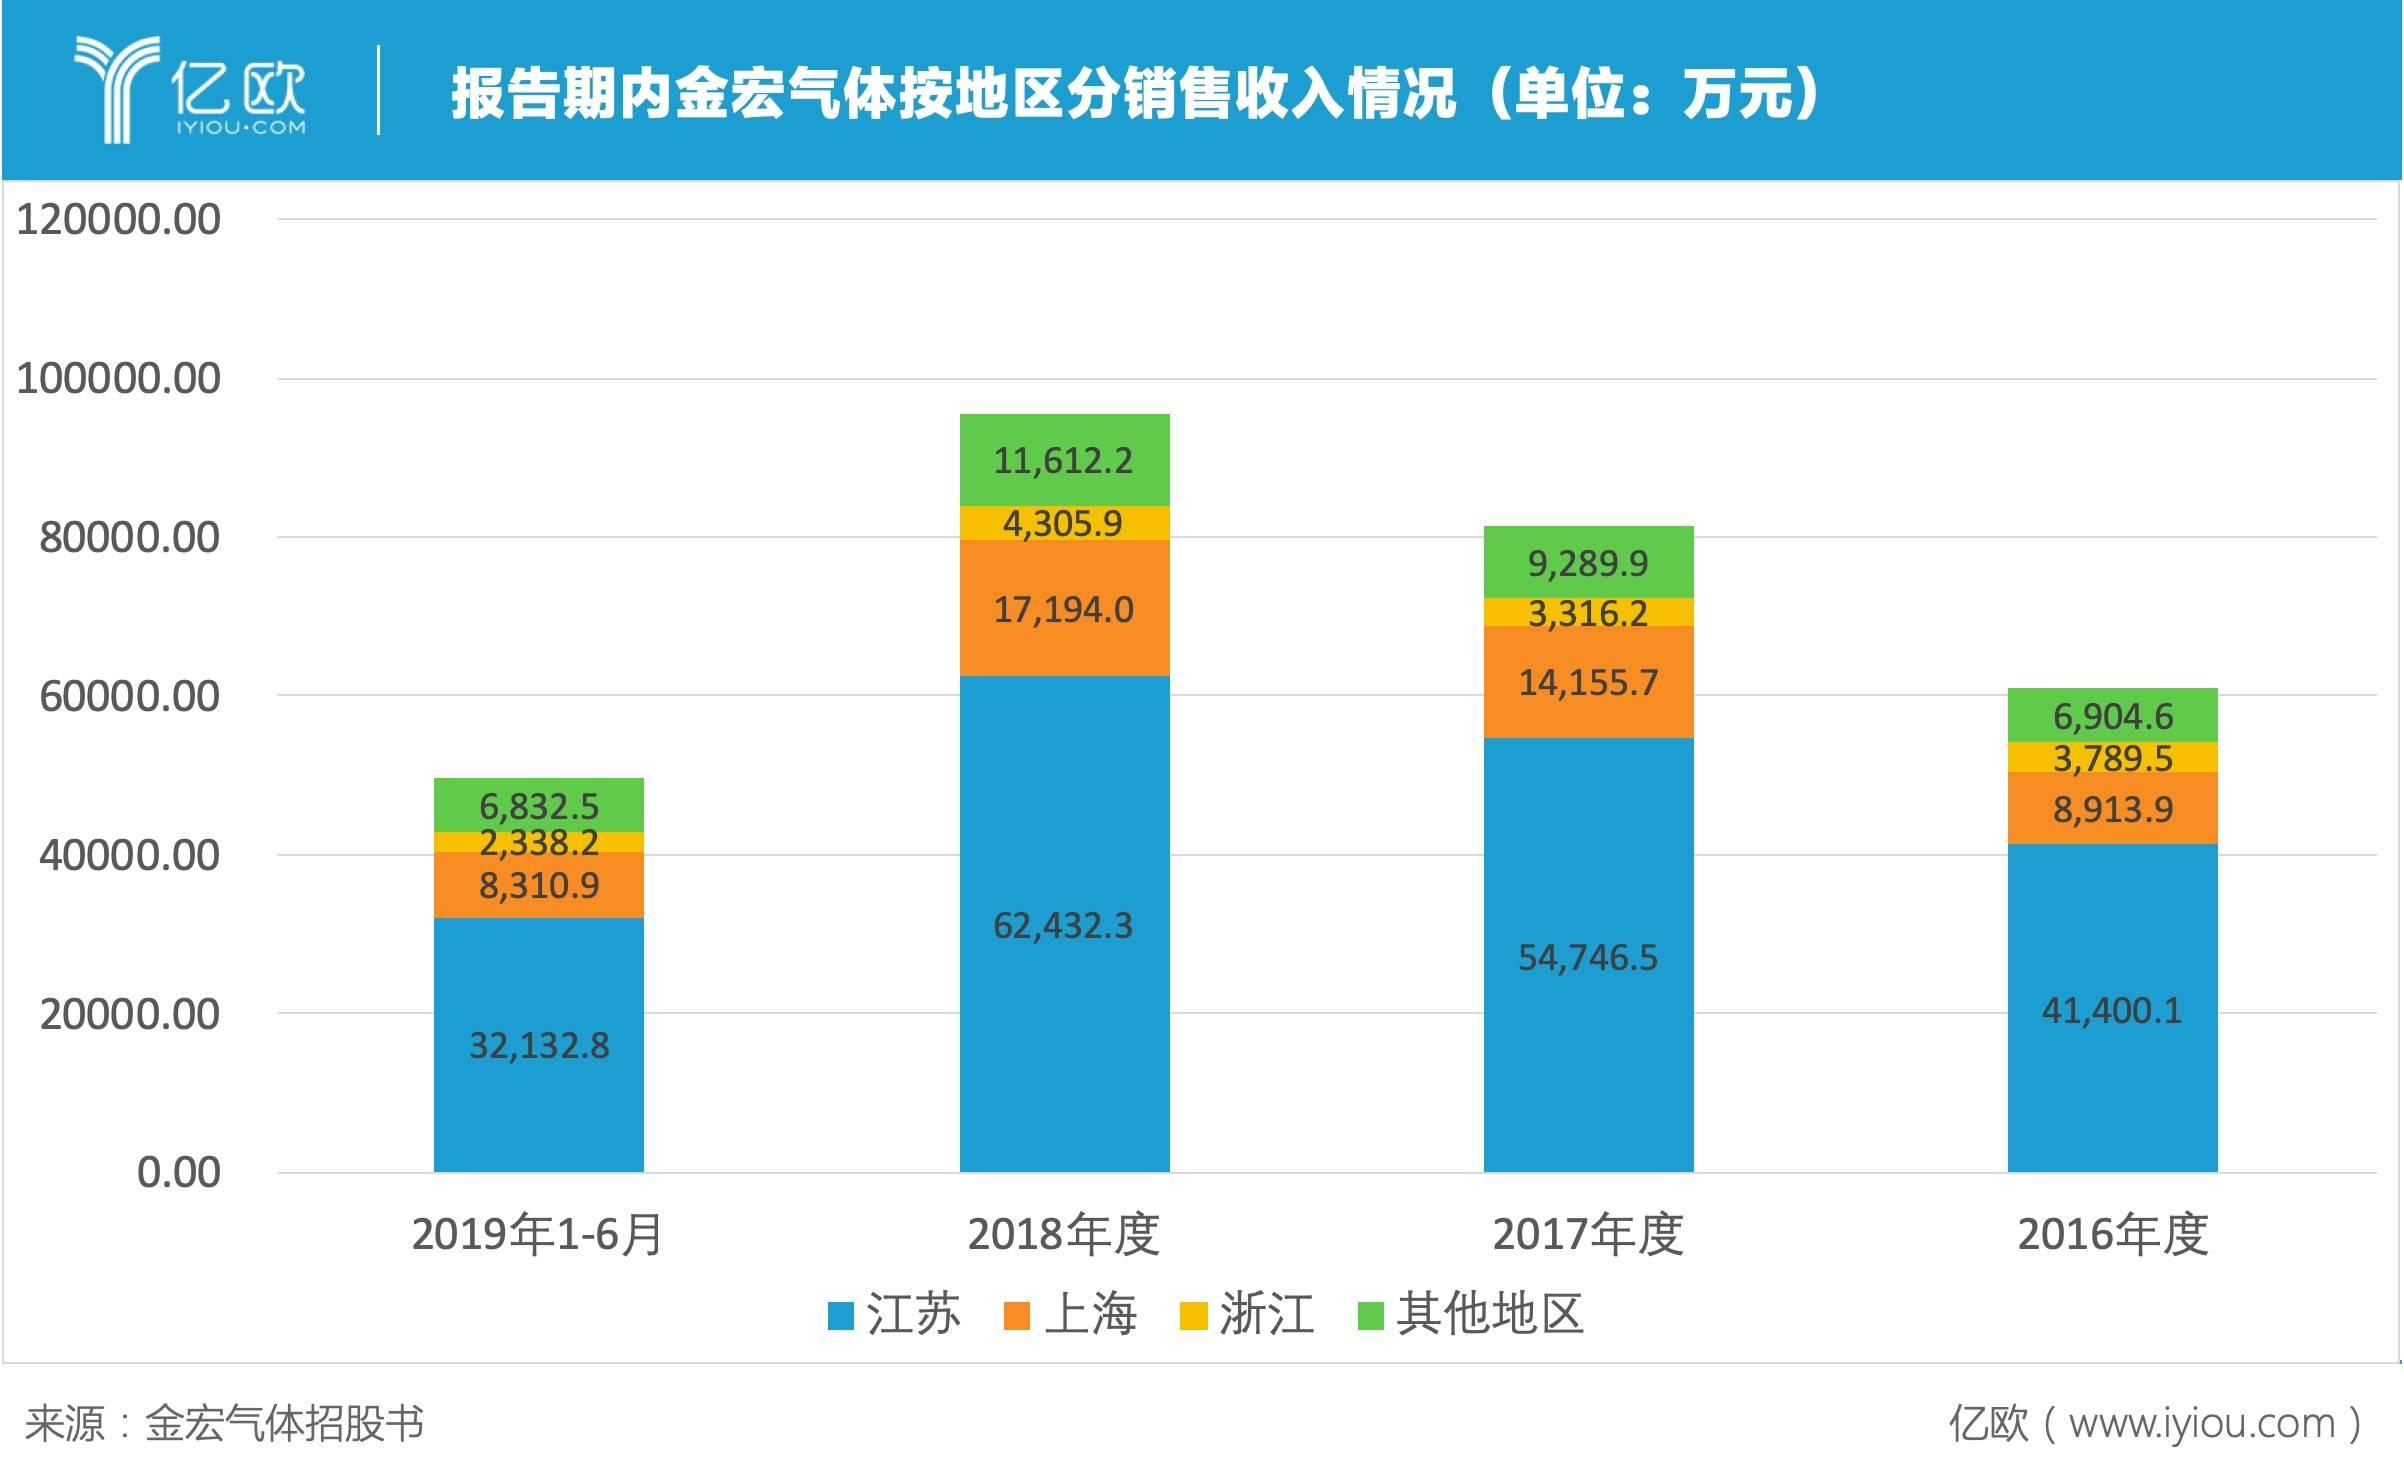 报告期内金宏气体按地区分销售收入情况